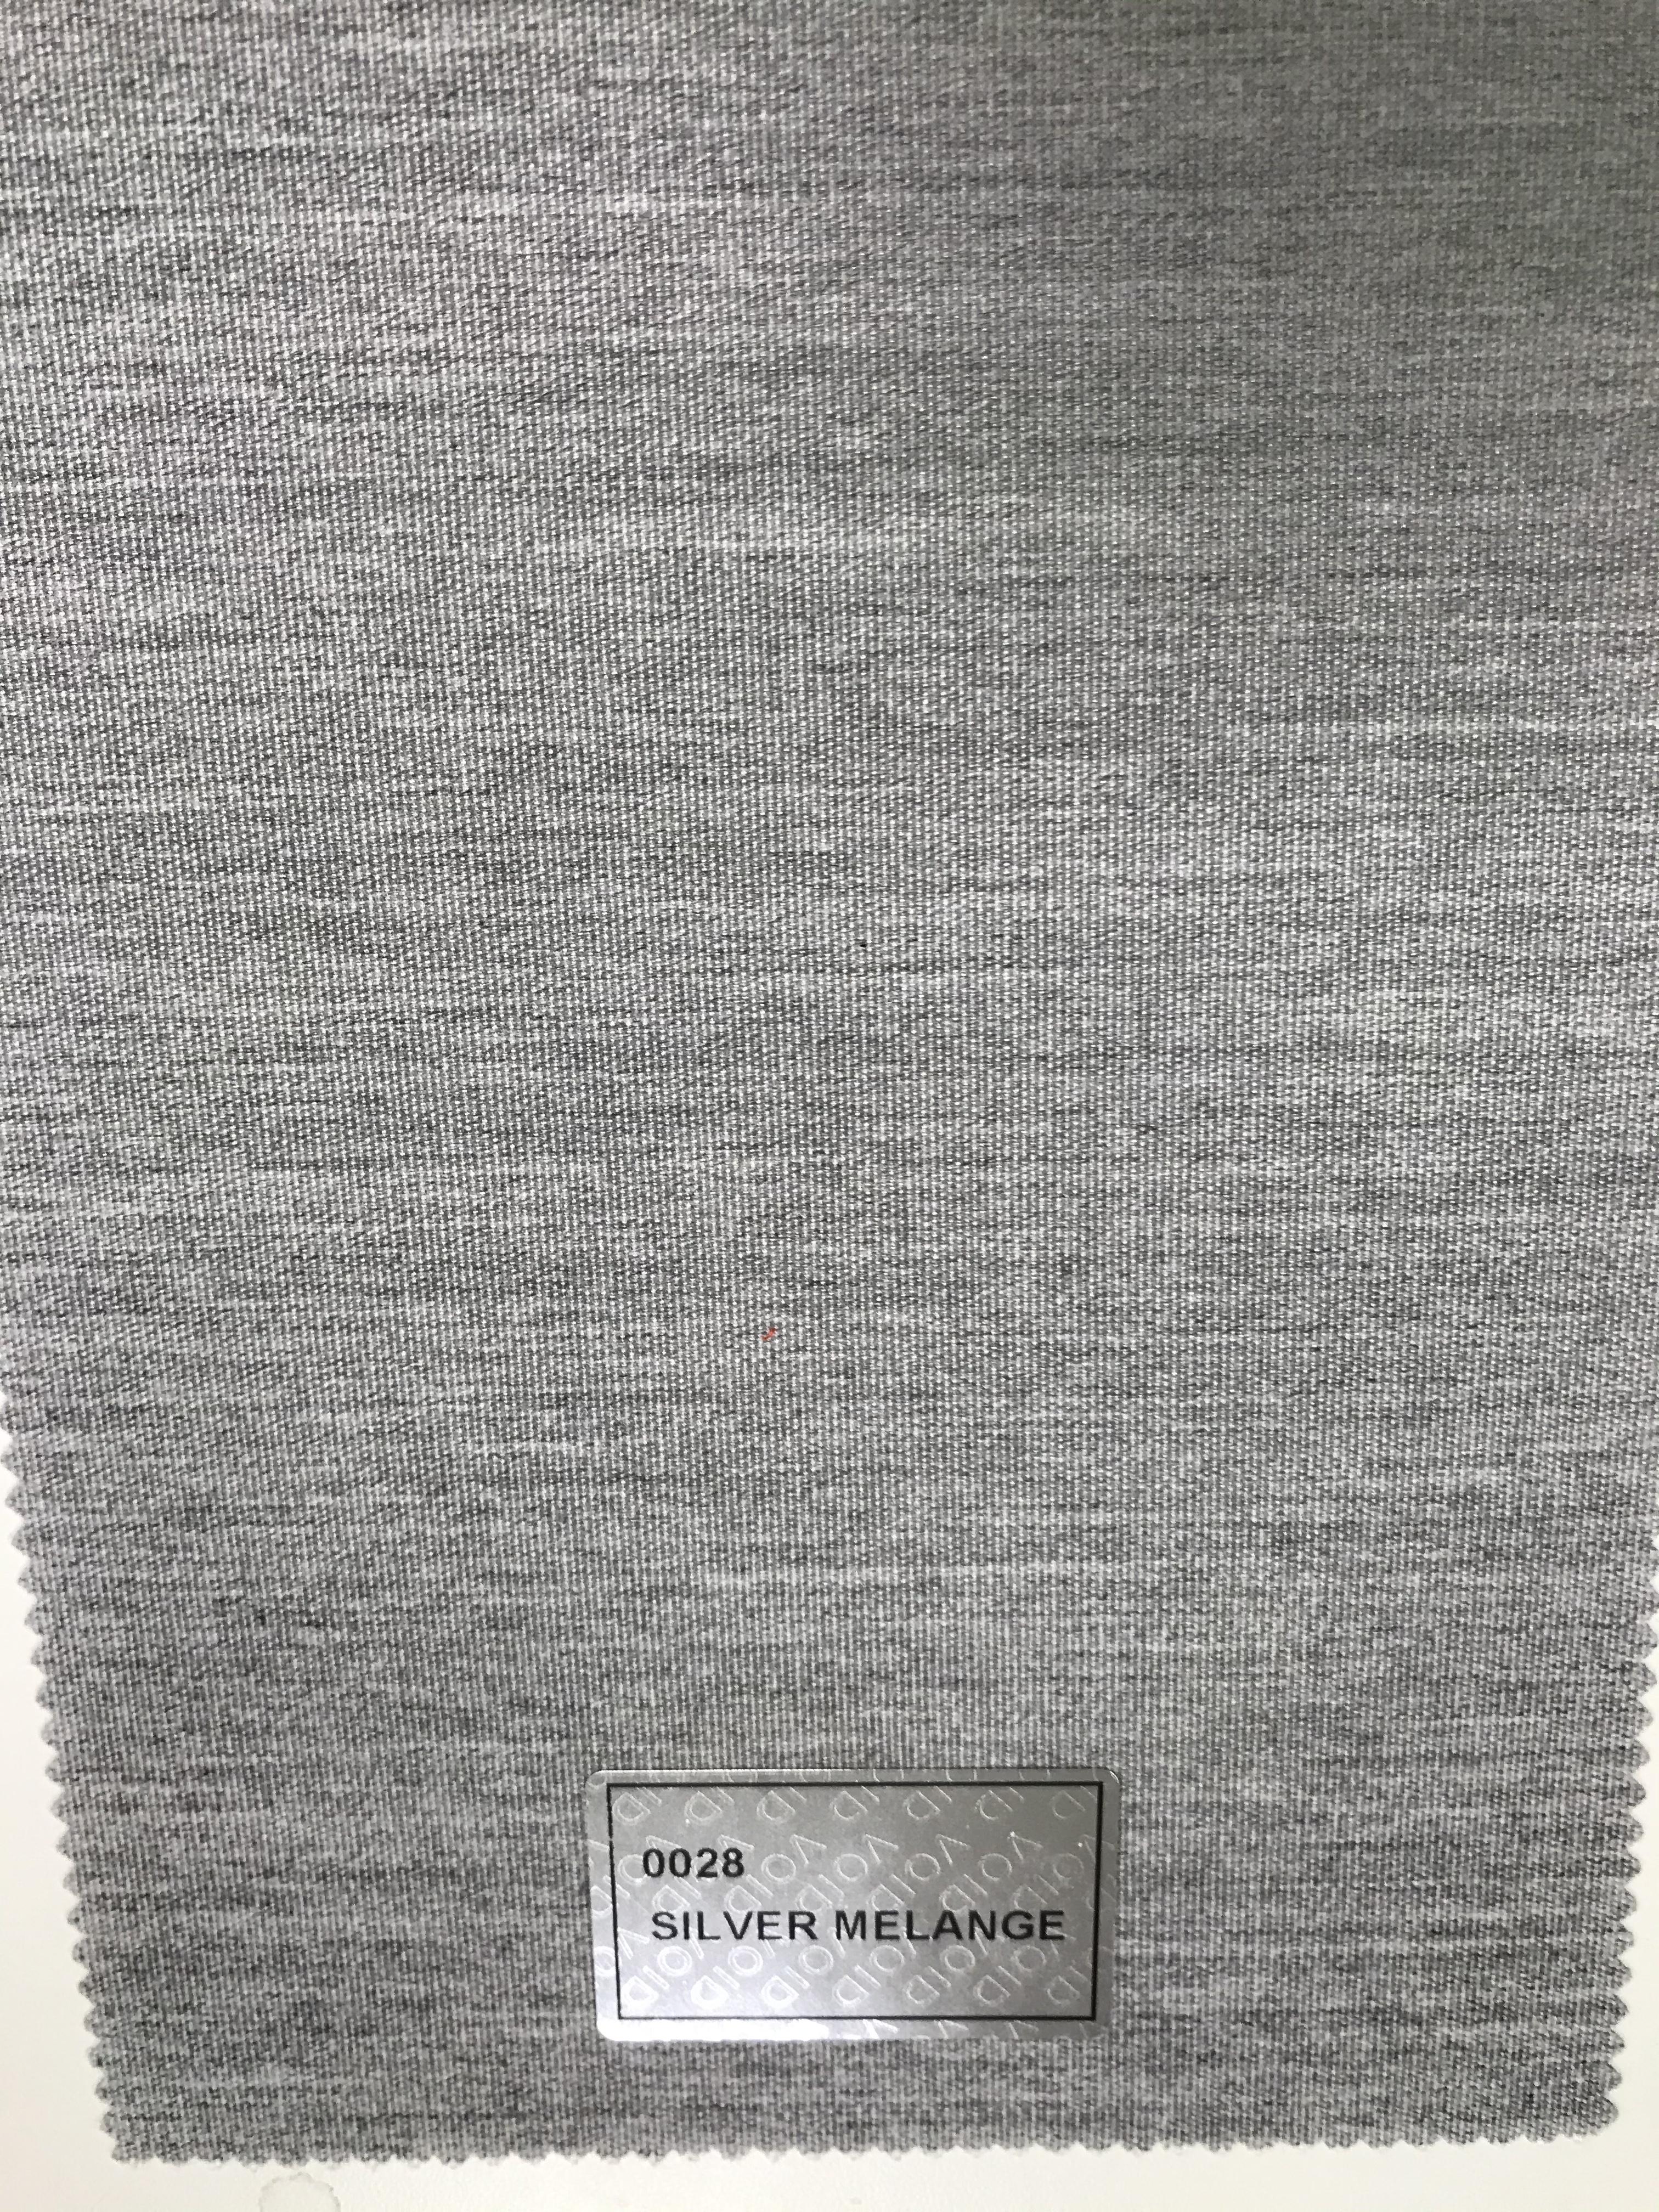 Silver Melange 0028